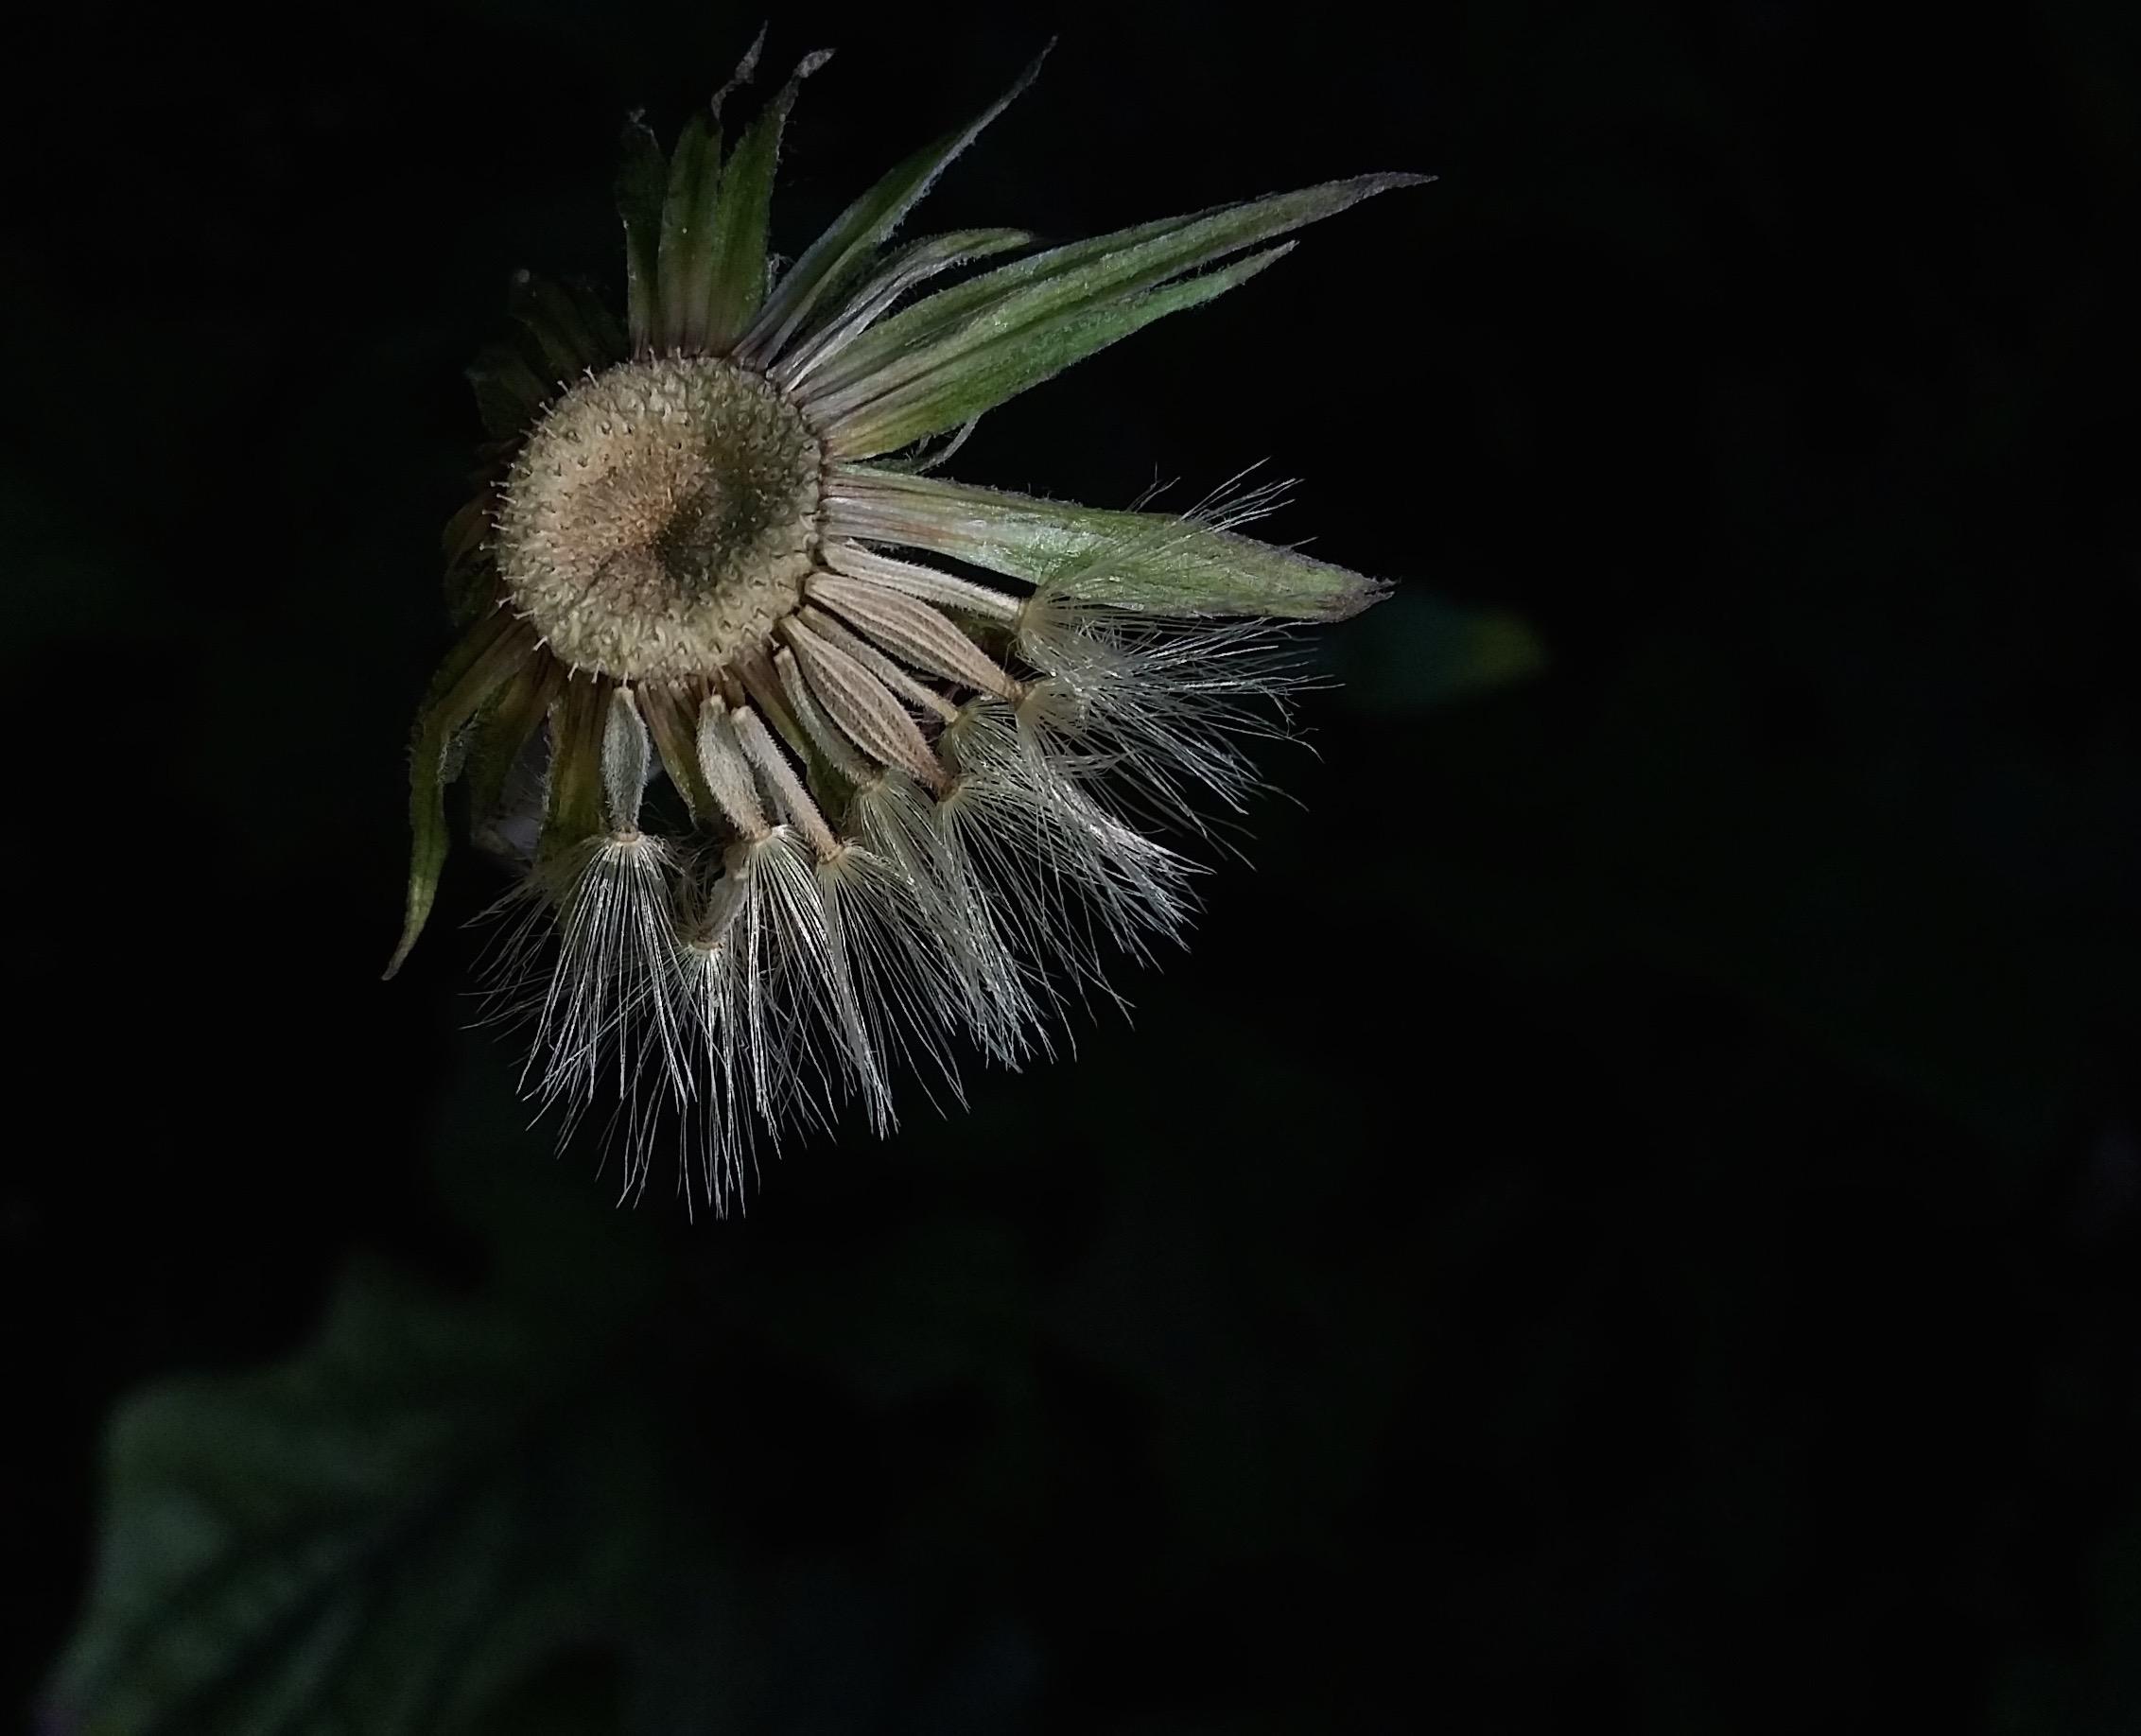 flor una foto hecha por Camila Cienfuegos